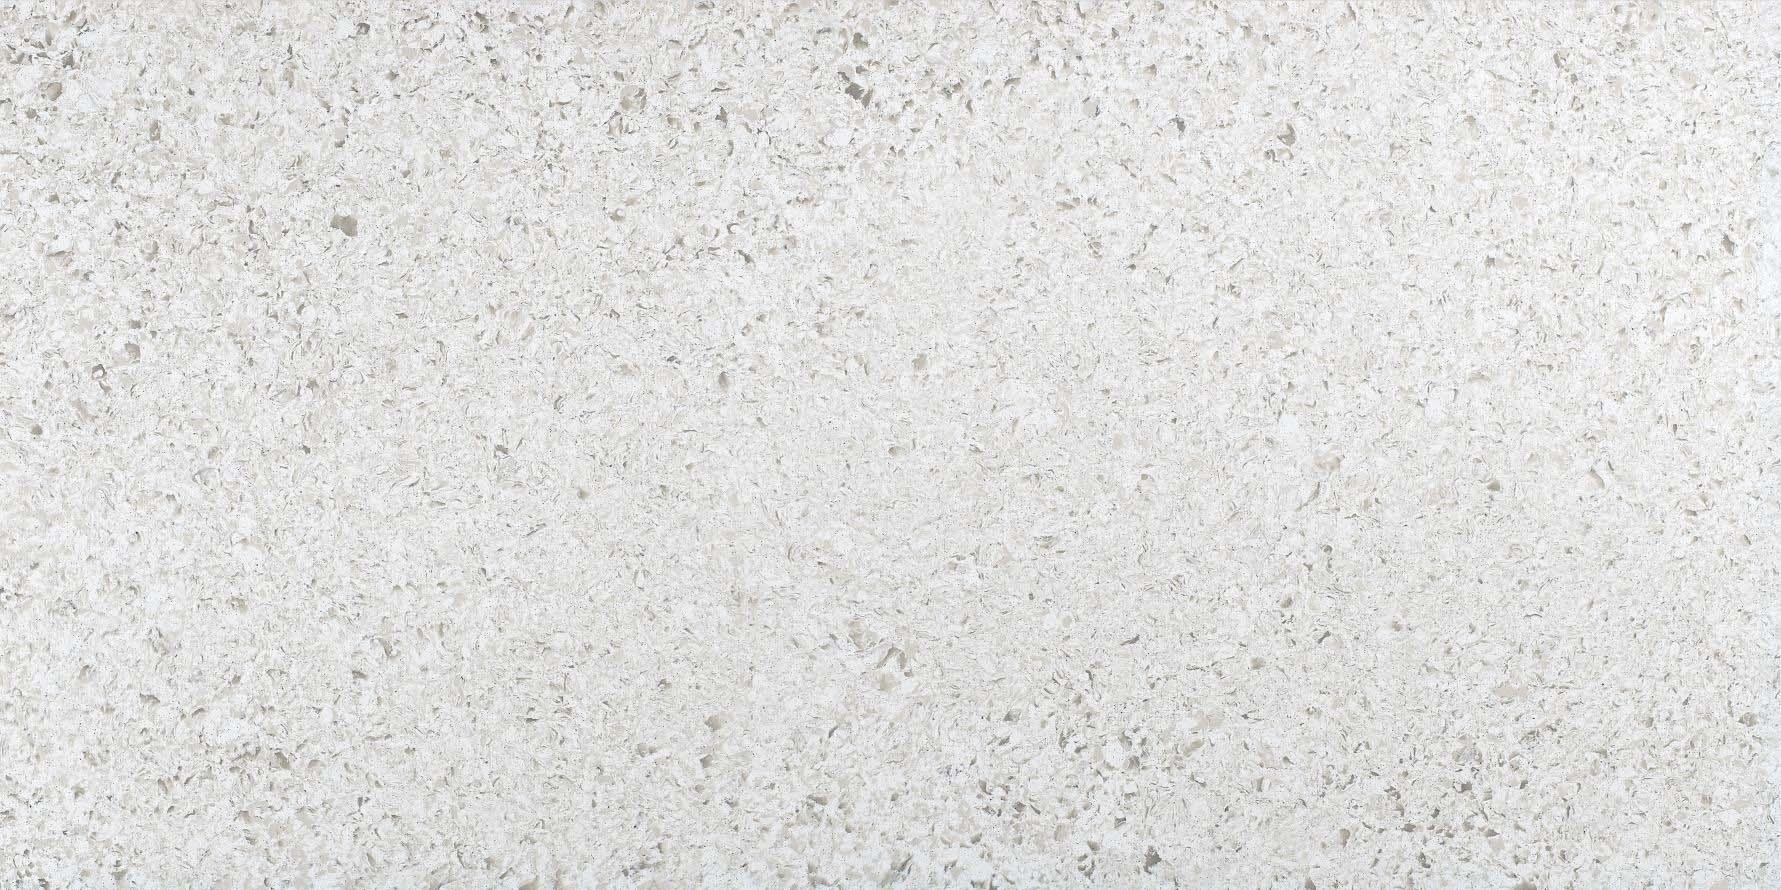 Big Slabs Artificial Quartz Stone for Counte K6601